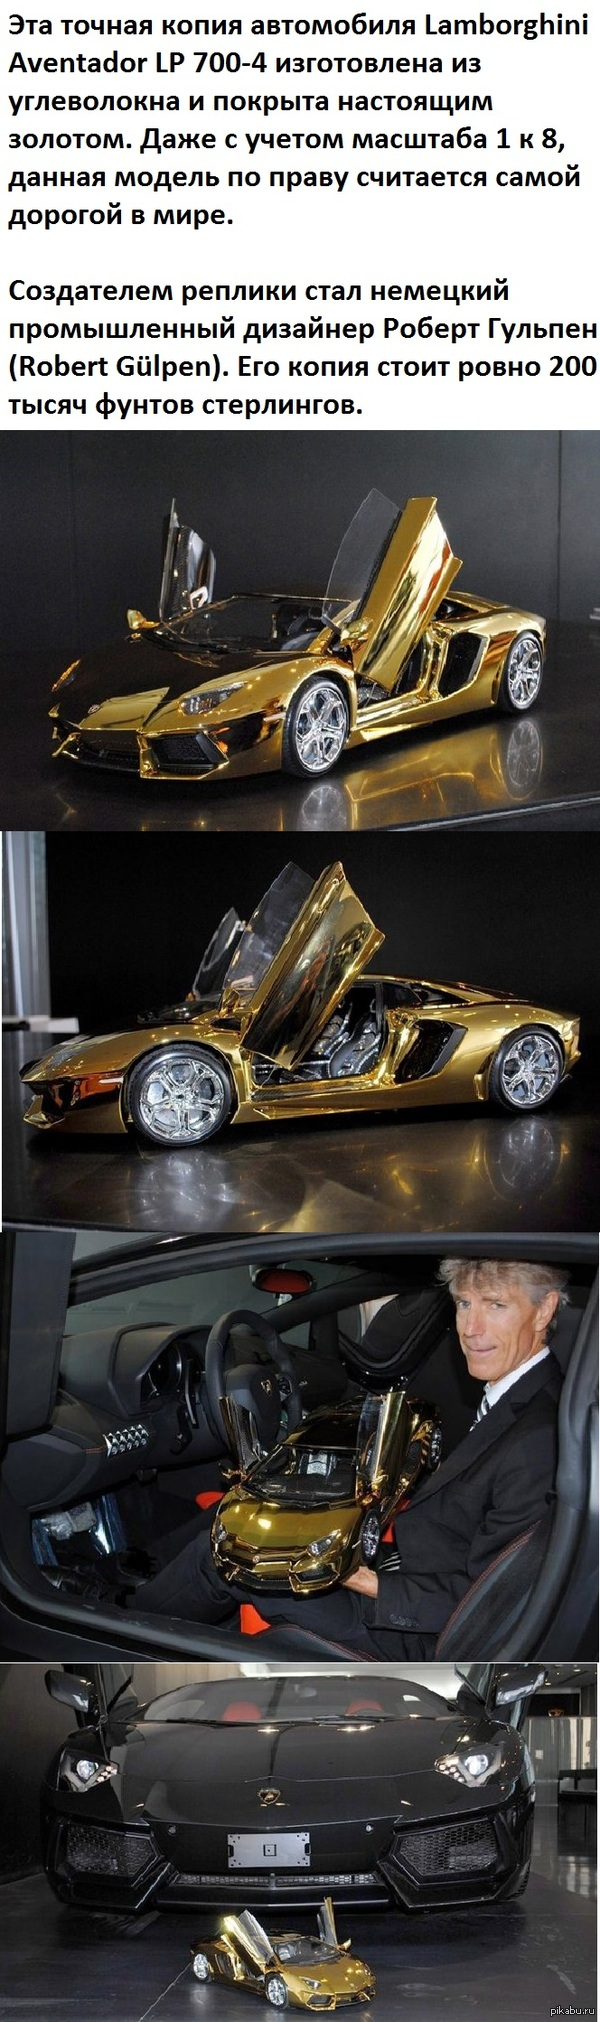 Самая дорогая в мире копия автомобиля